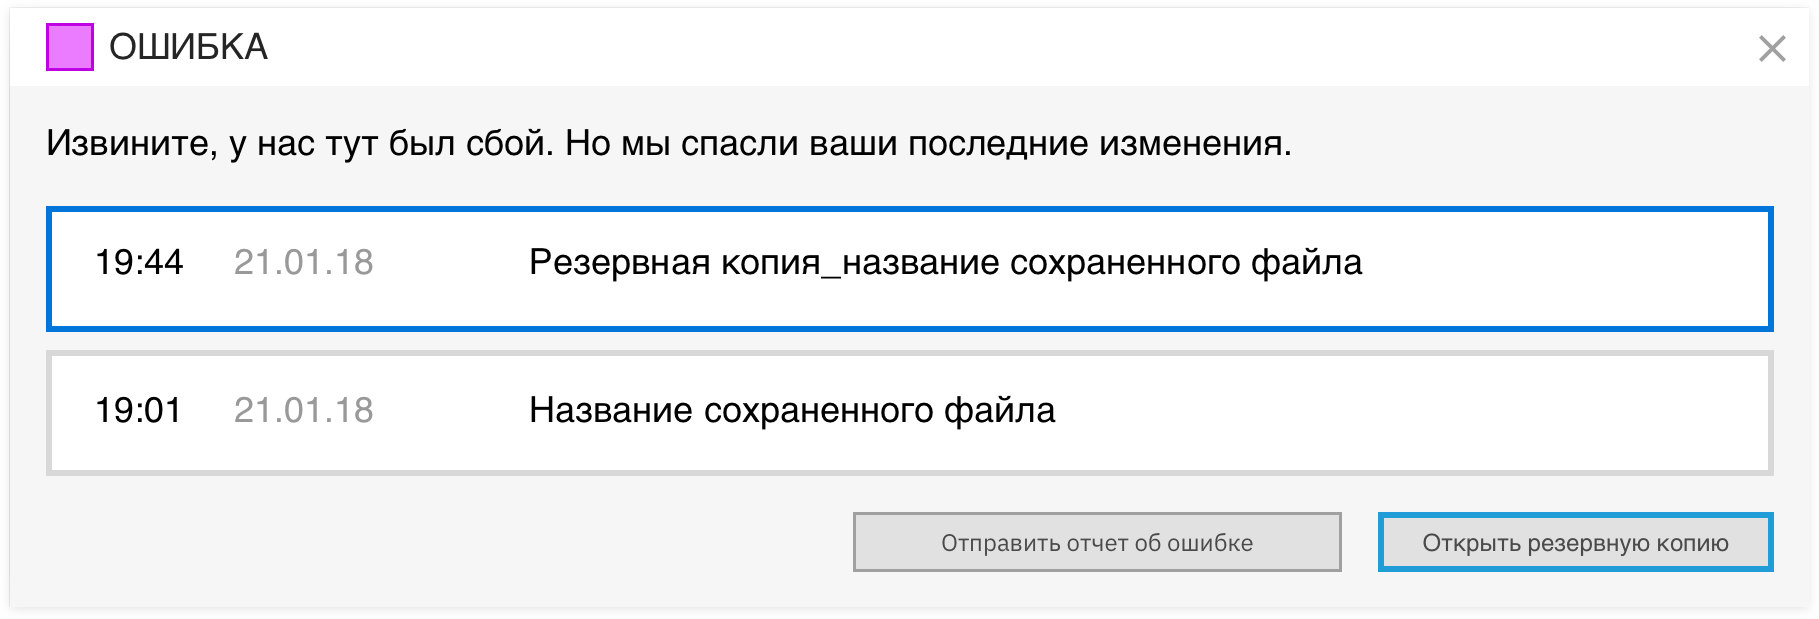 Информативные извинения за ошибку | SobakaPav.ru